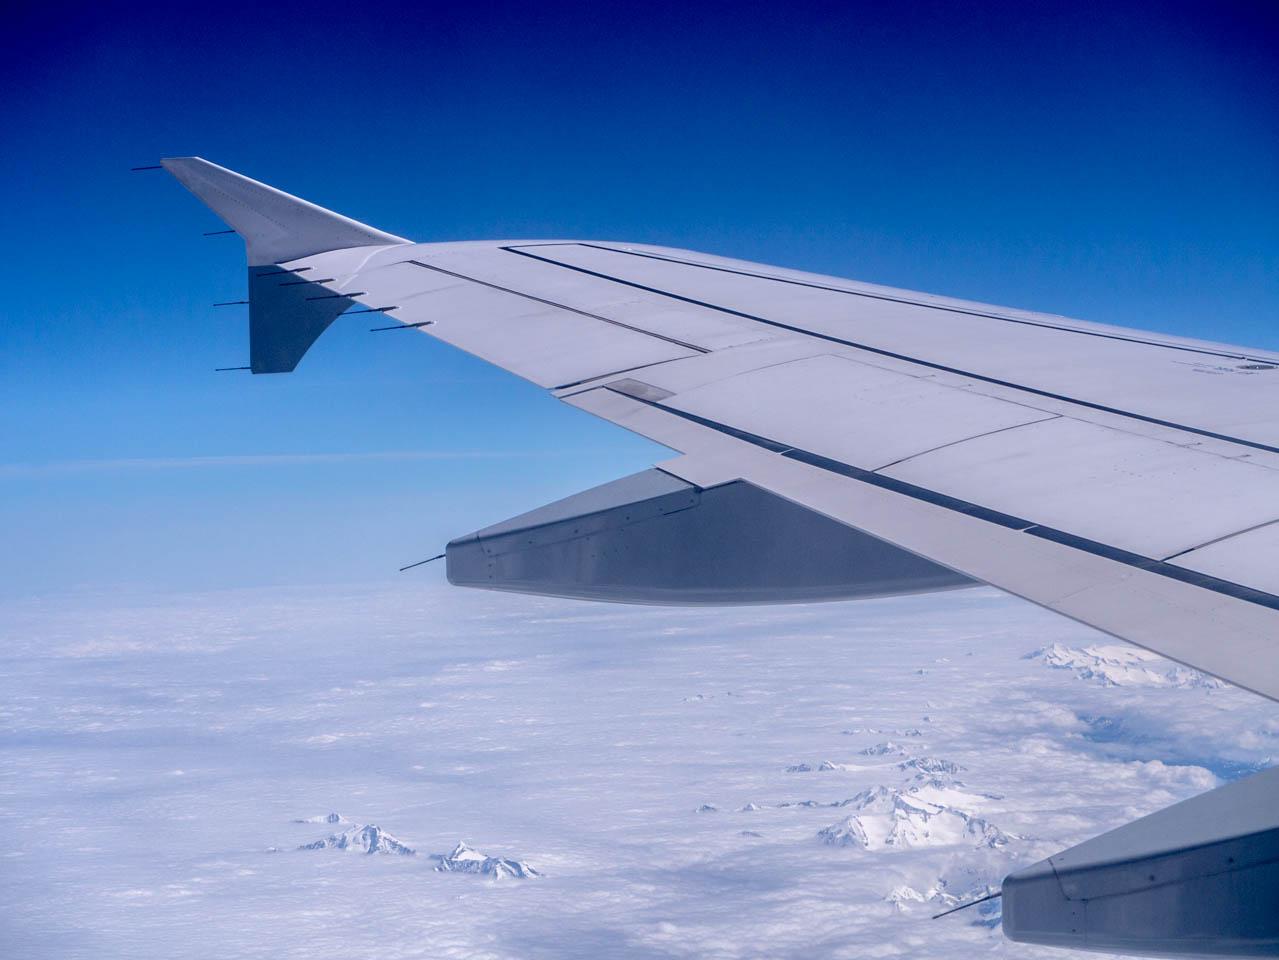 Flug (1 von 1)